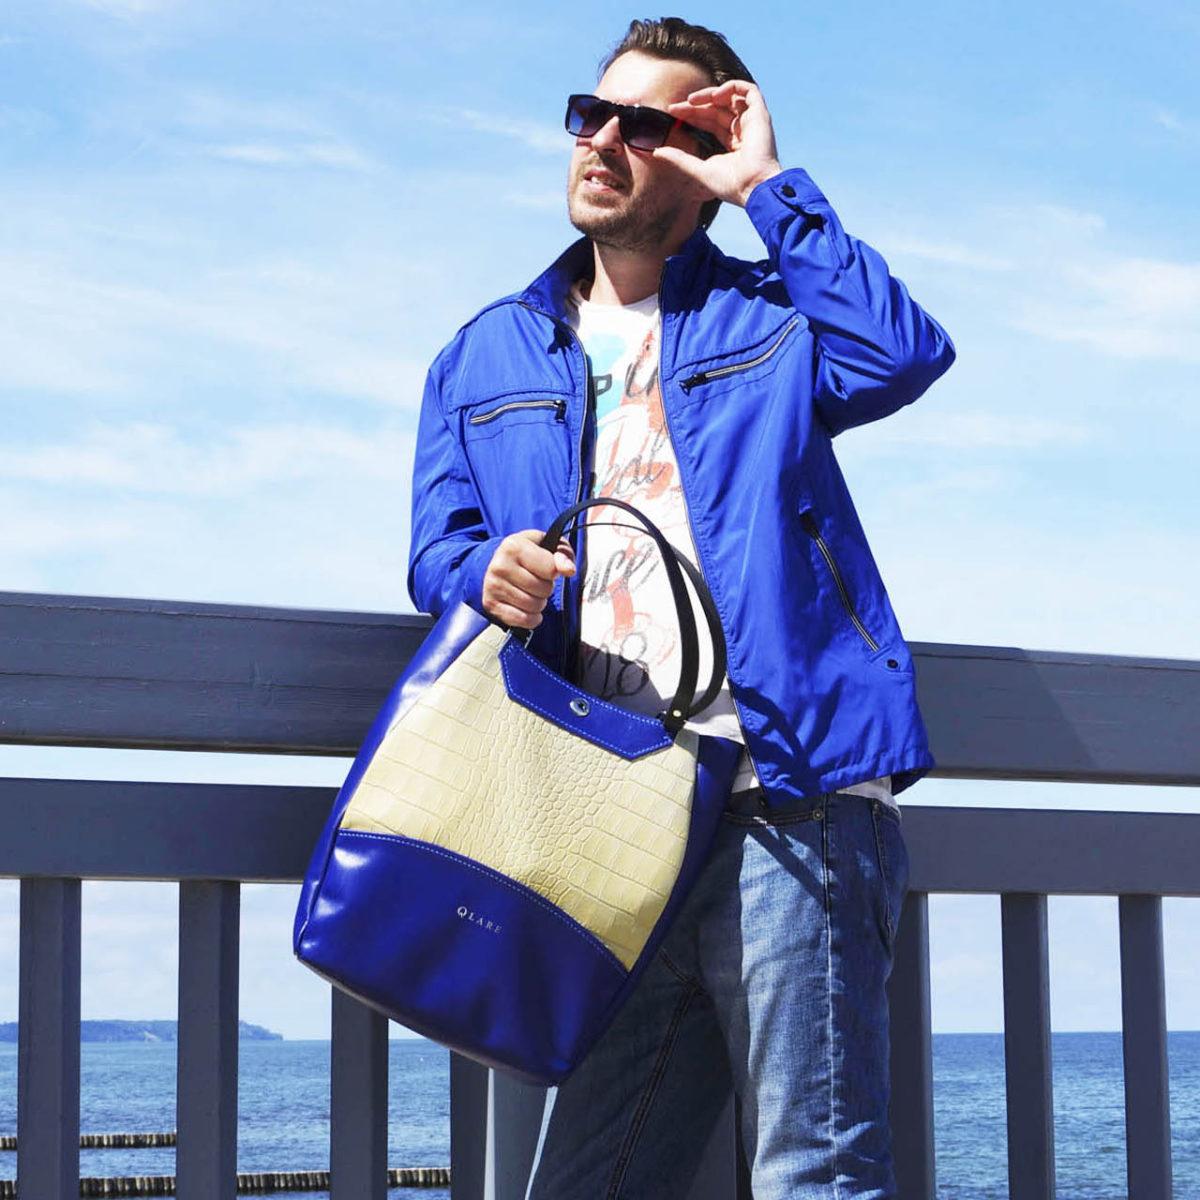 fashion bag for men 2021